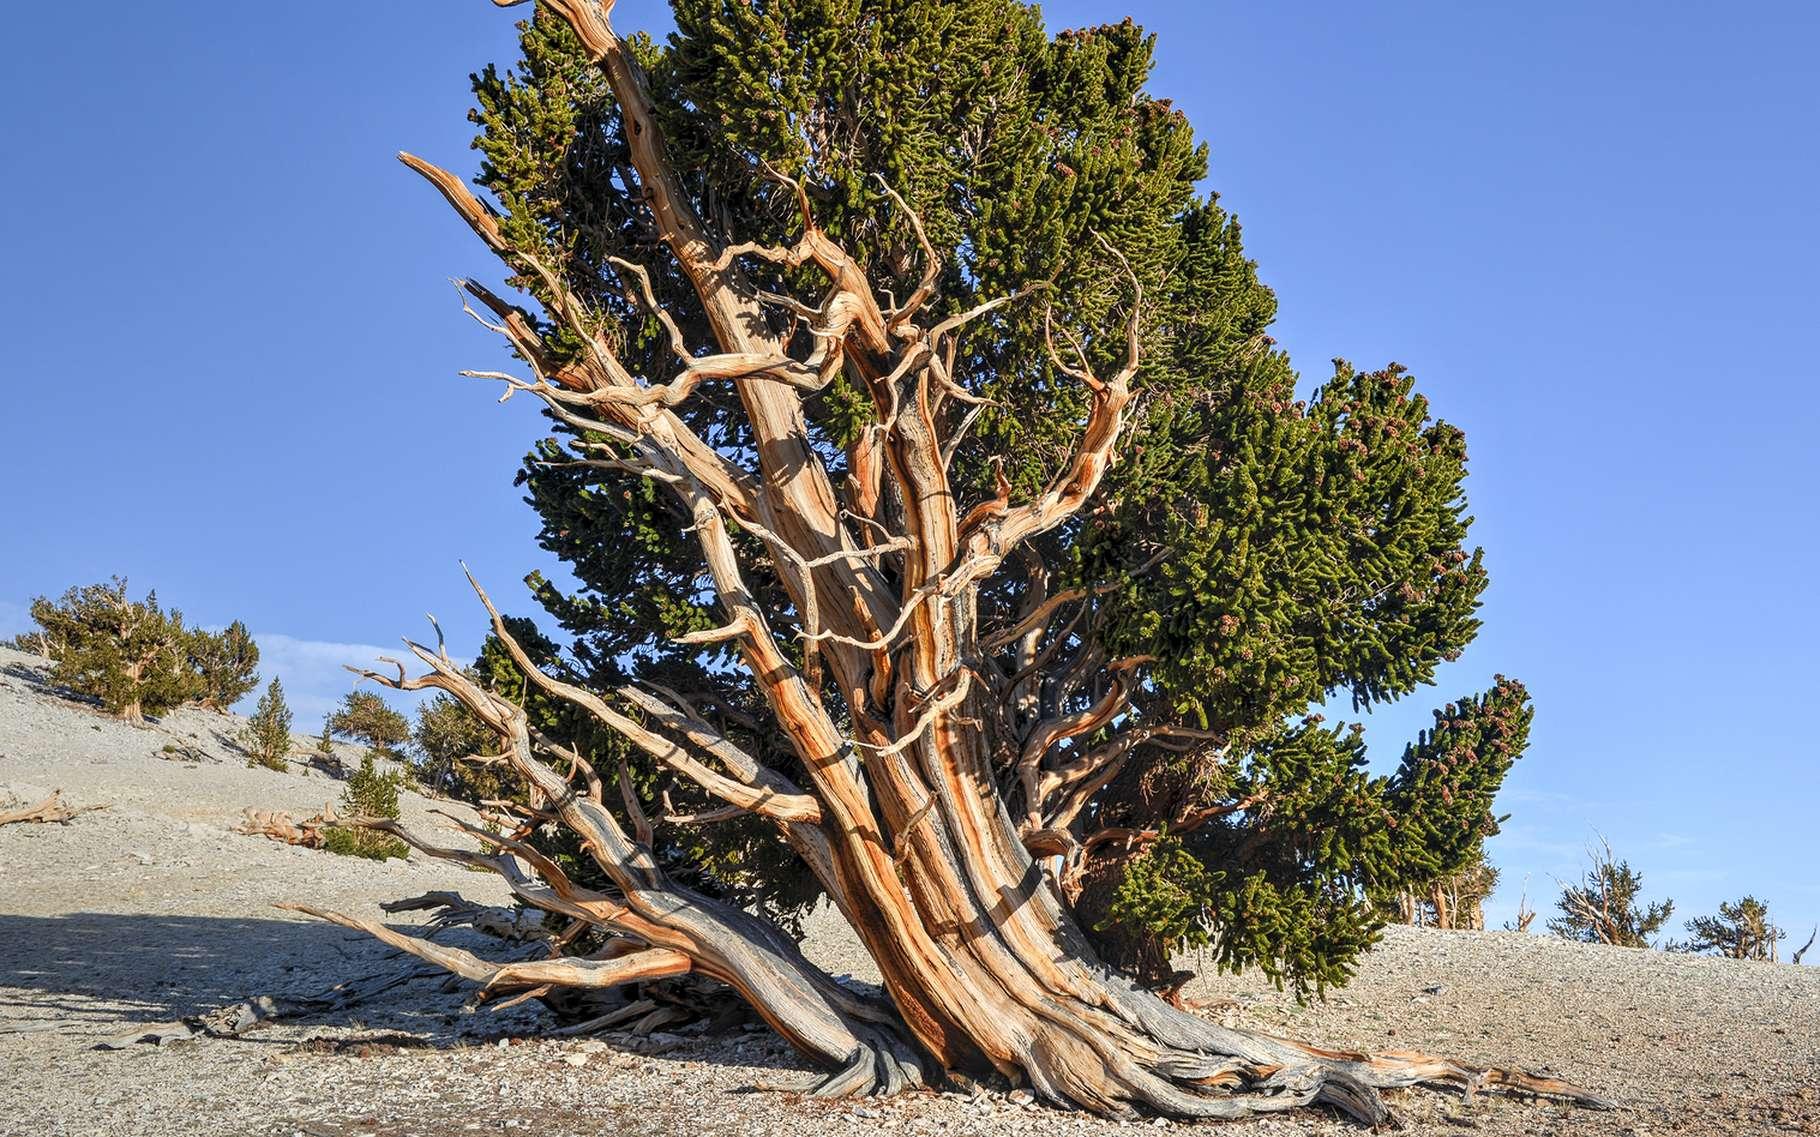 Un pin de Bristlecone (Pinus longaeva) dans les montagnes blanches en Californie. Le plus vieux spécimen connu avait 5.062 ans en 2013. © Felix Lipov, Shutterstock